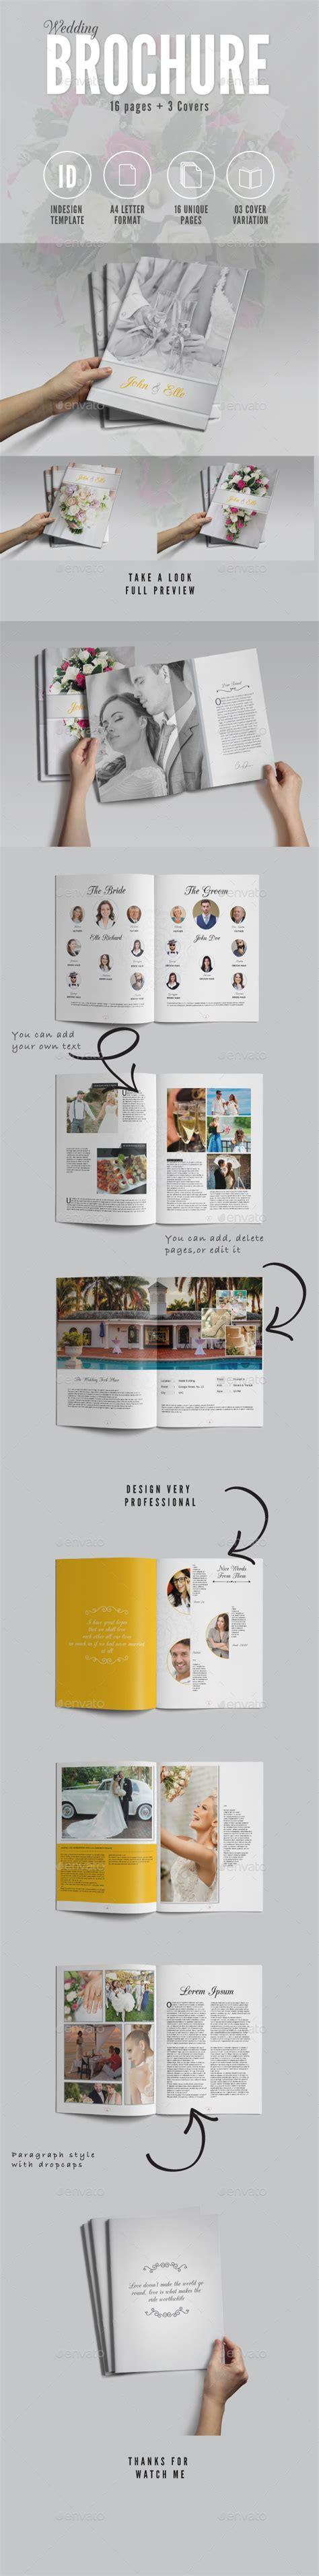 Wedding Brochure Copy Wedding Brochure By Pranata Graphicriver